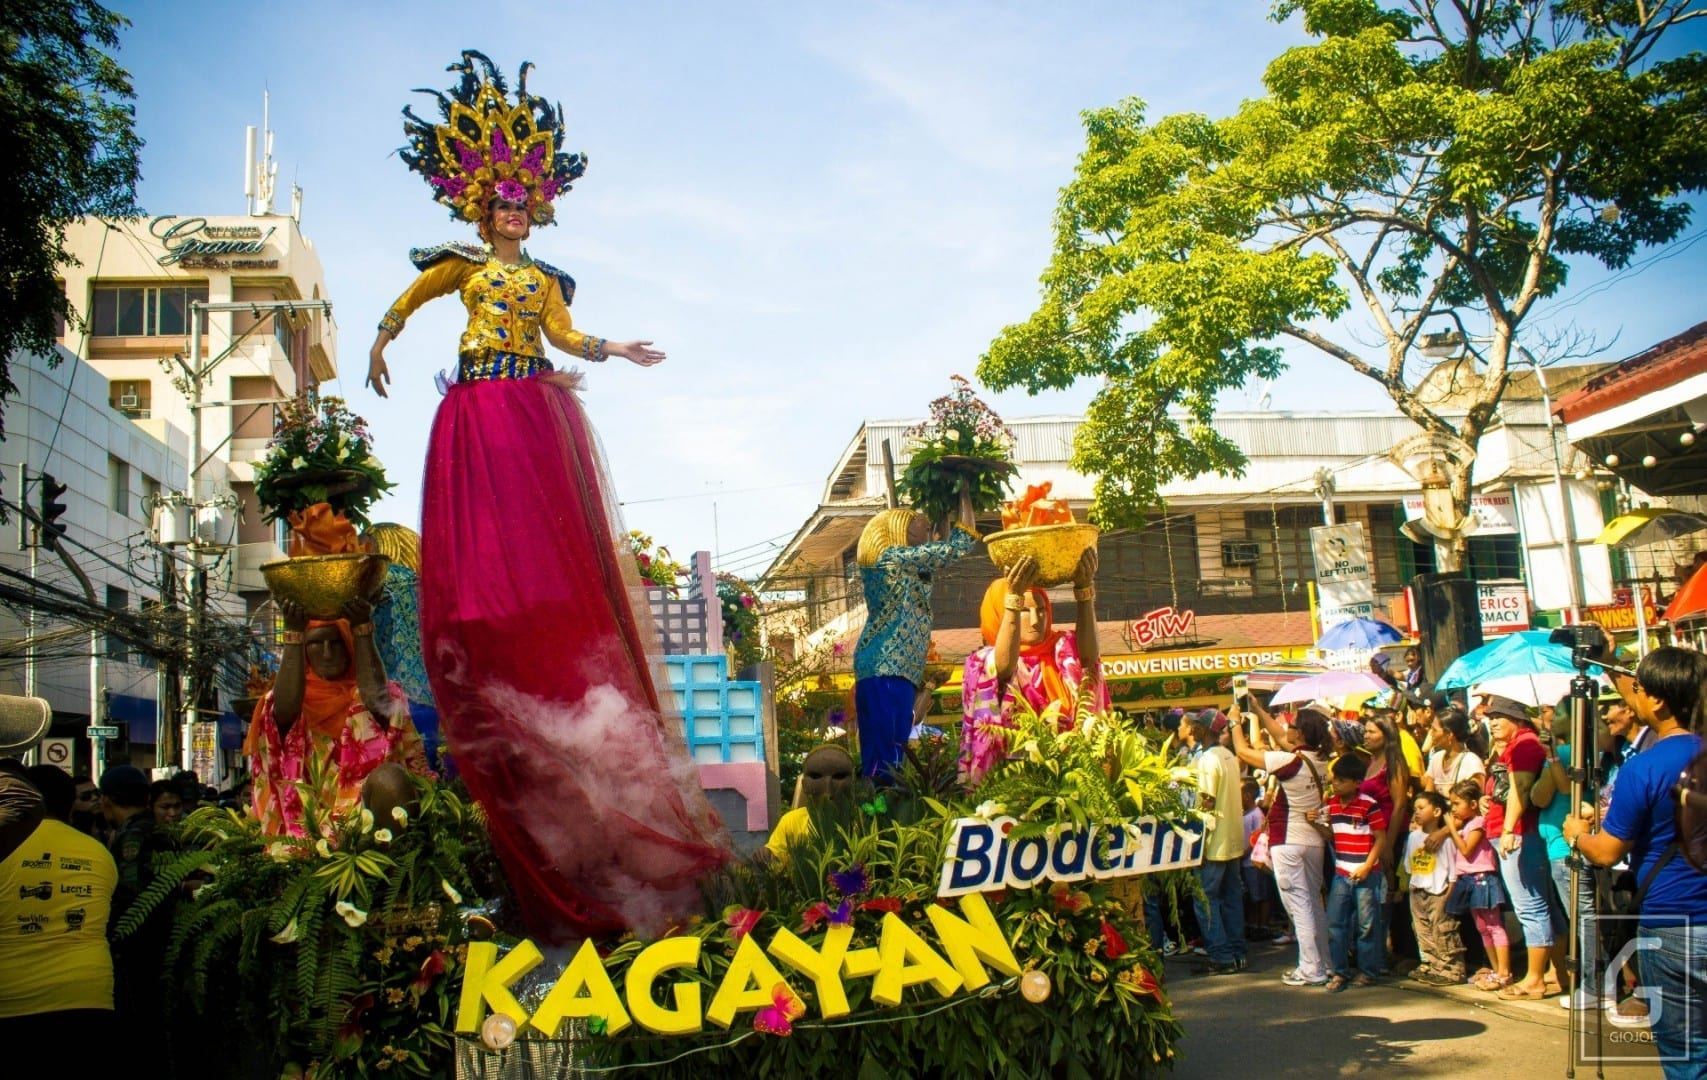 Festival Higalaay Kagayan 2014 Cagayan de oro Filipinas